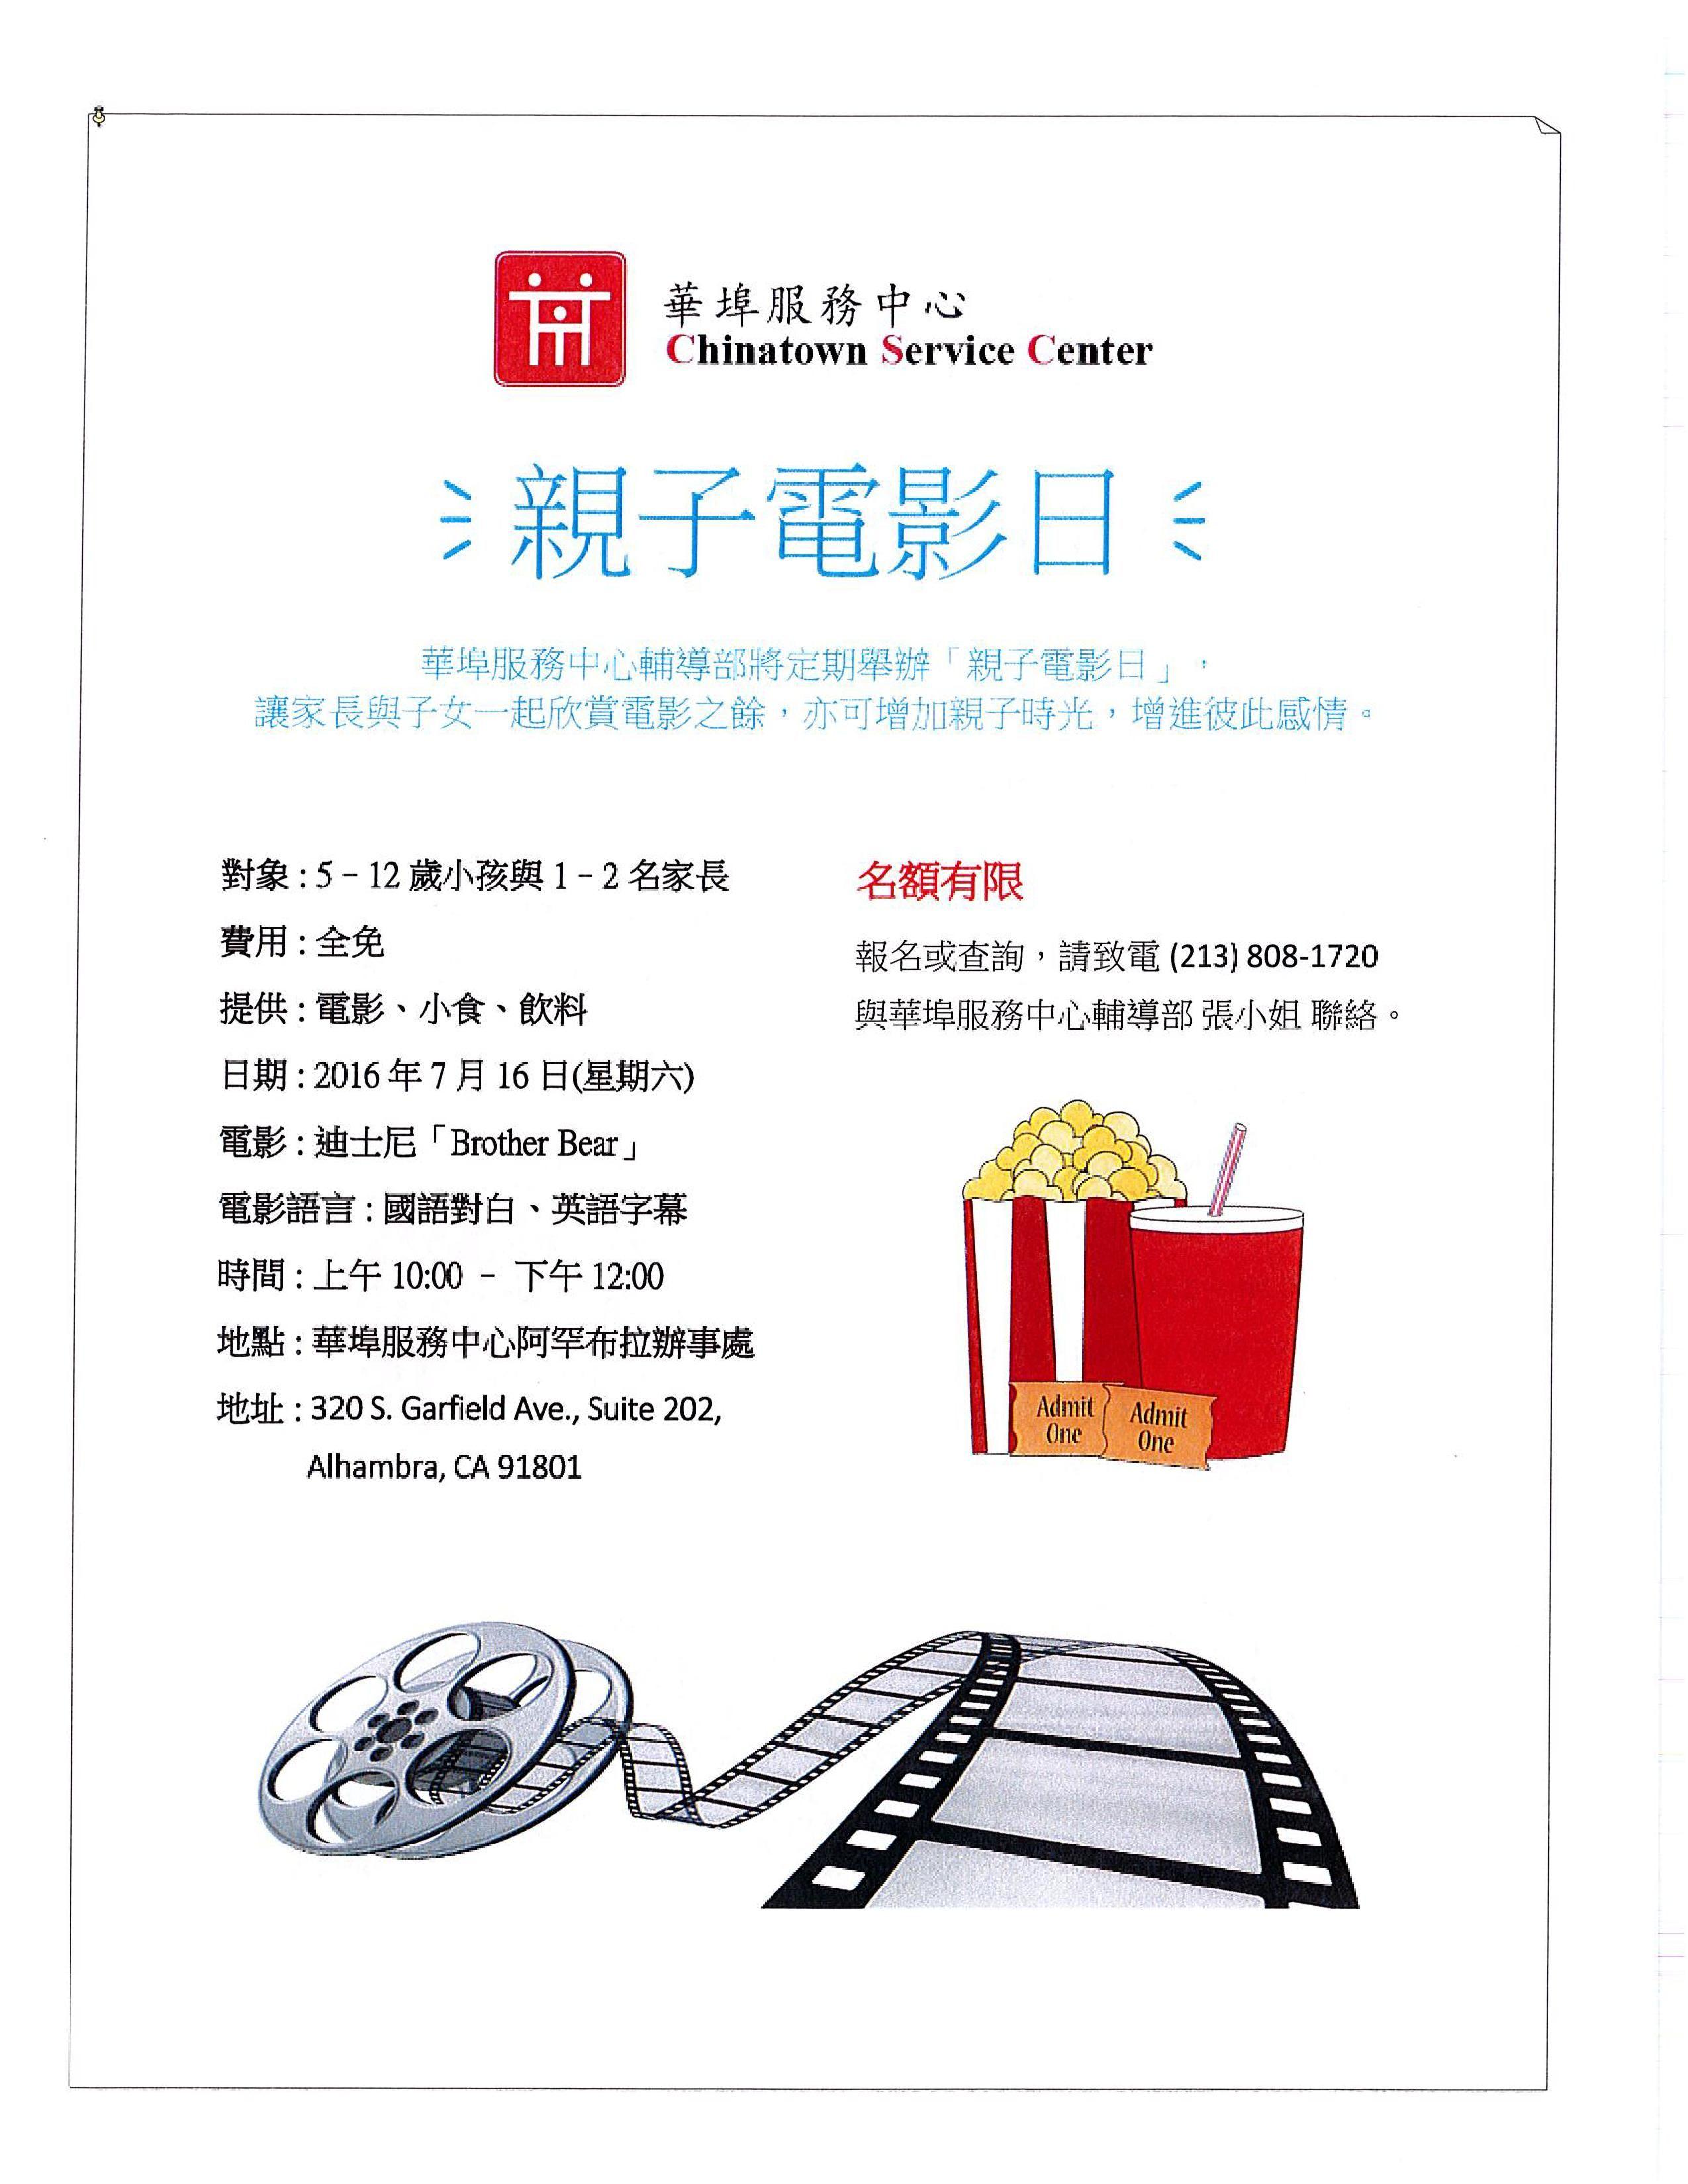 華埠服務中心輔導部 親子電影日 (7月16日) Behavior, Behavioral health